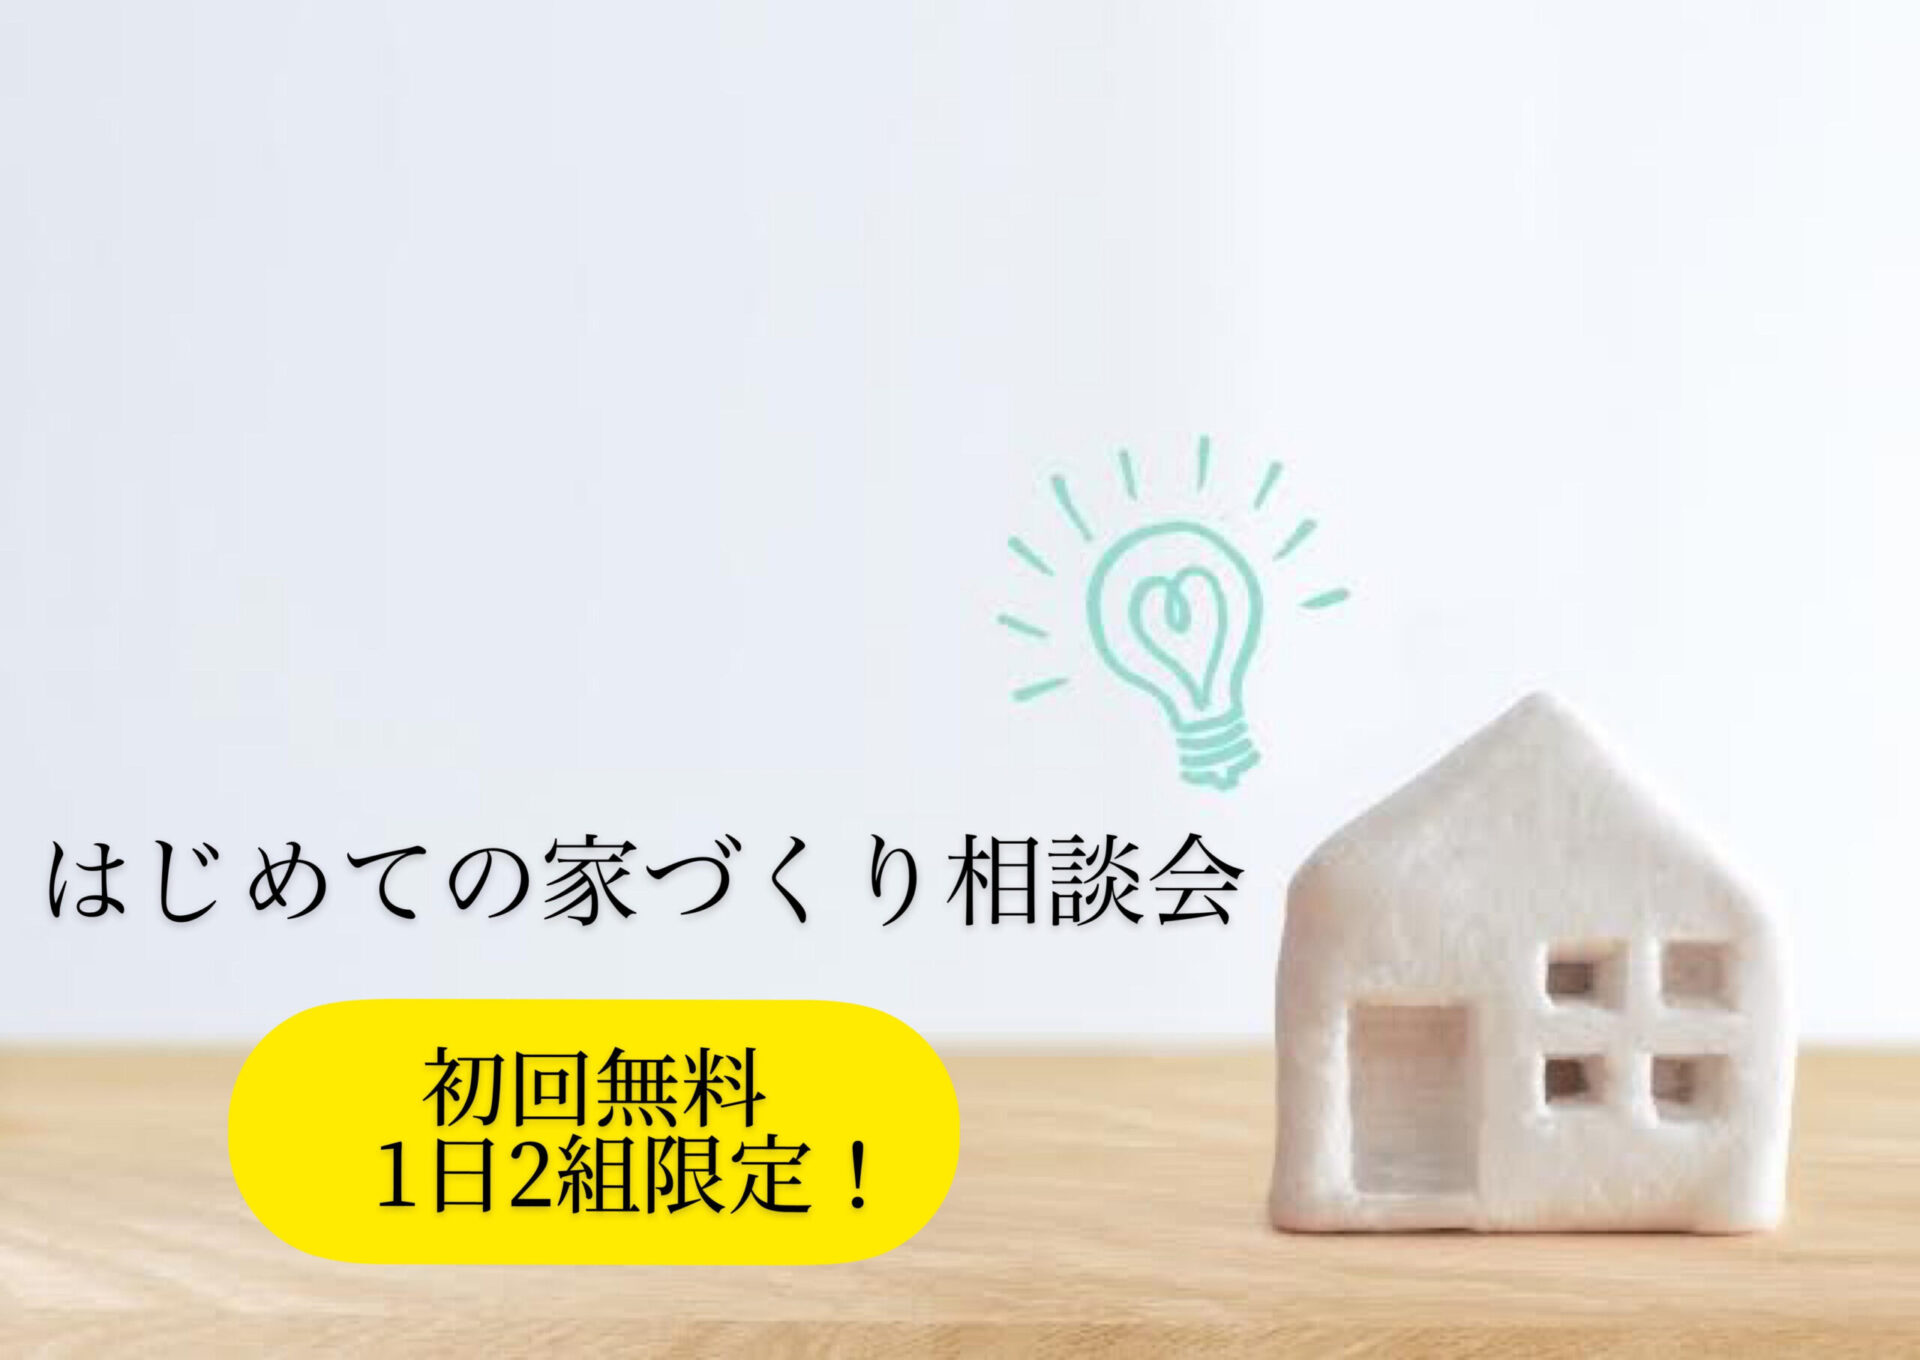 【イベント終了】家づくり相談会【初回無料!1日2組限定】